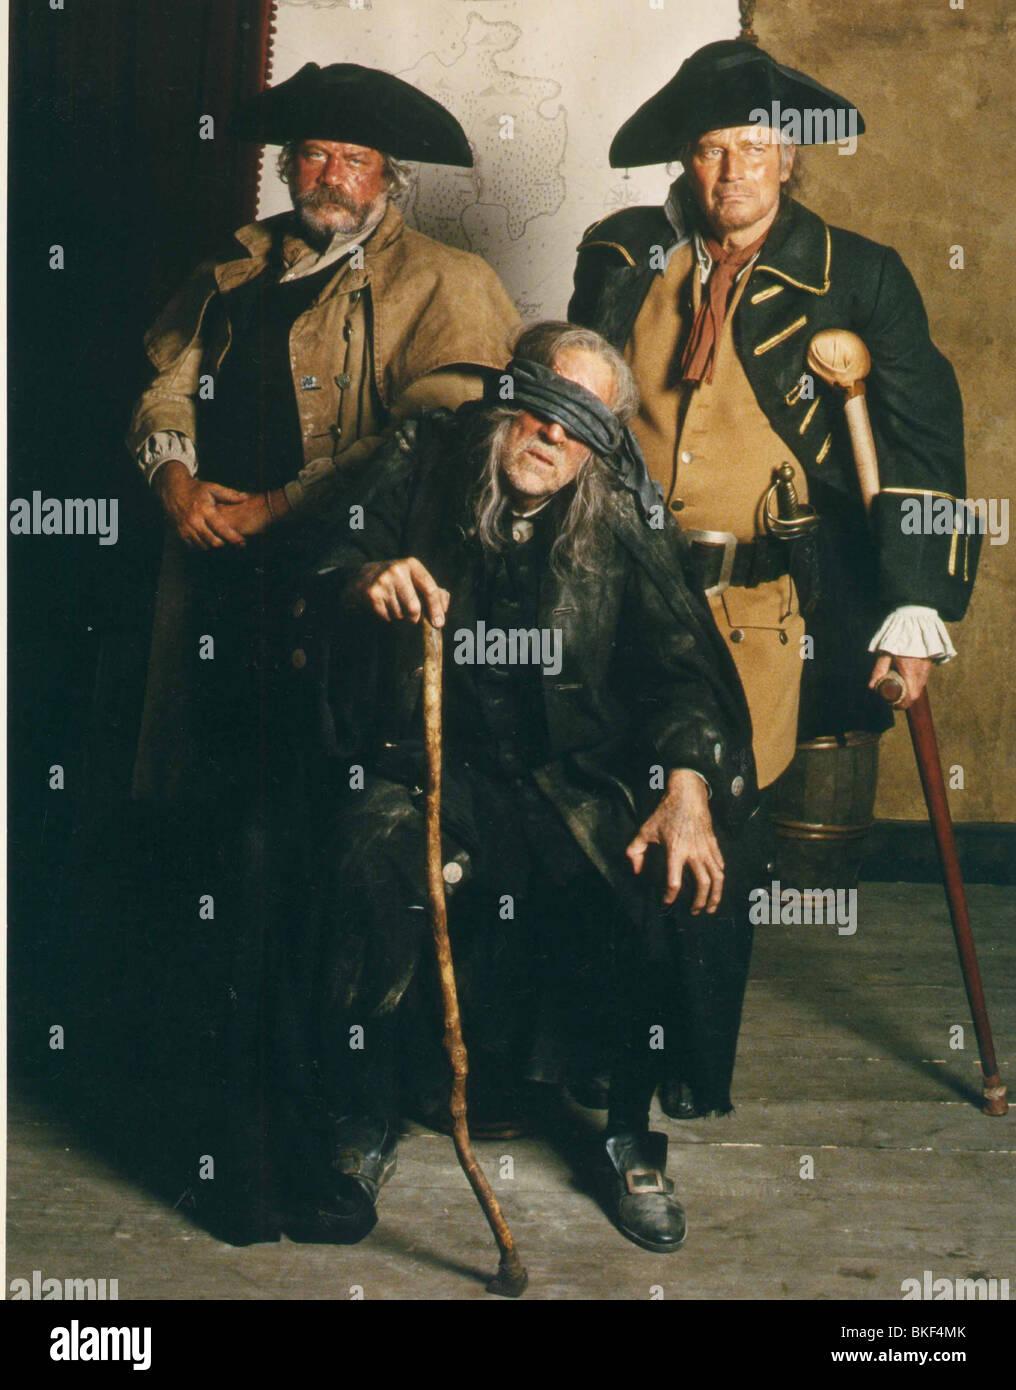 Treasure Island Film Charlton Heston